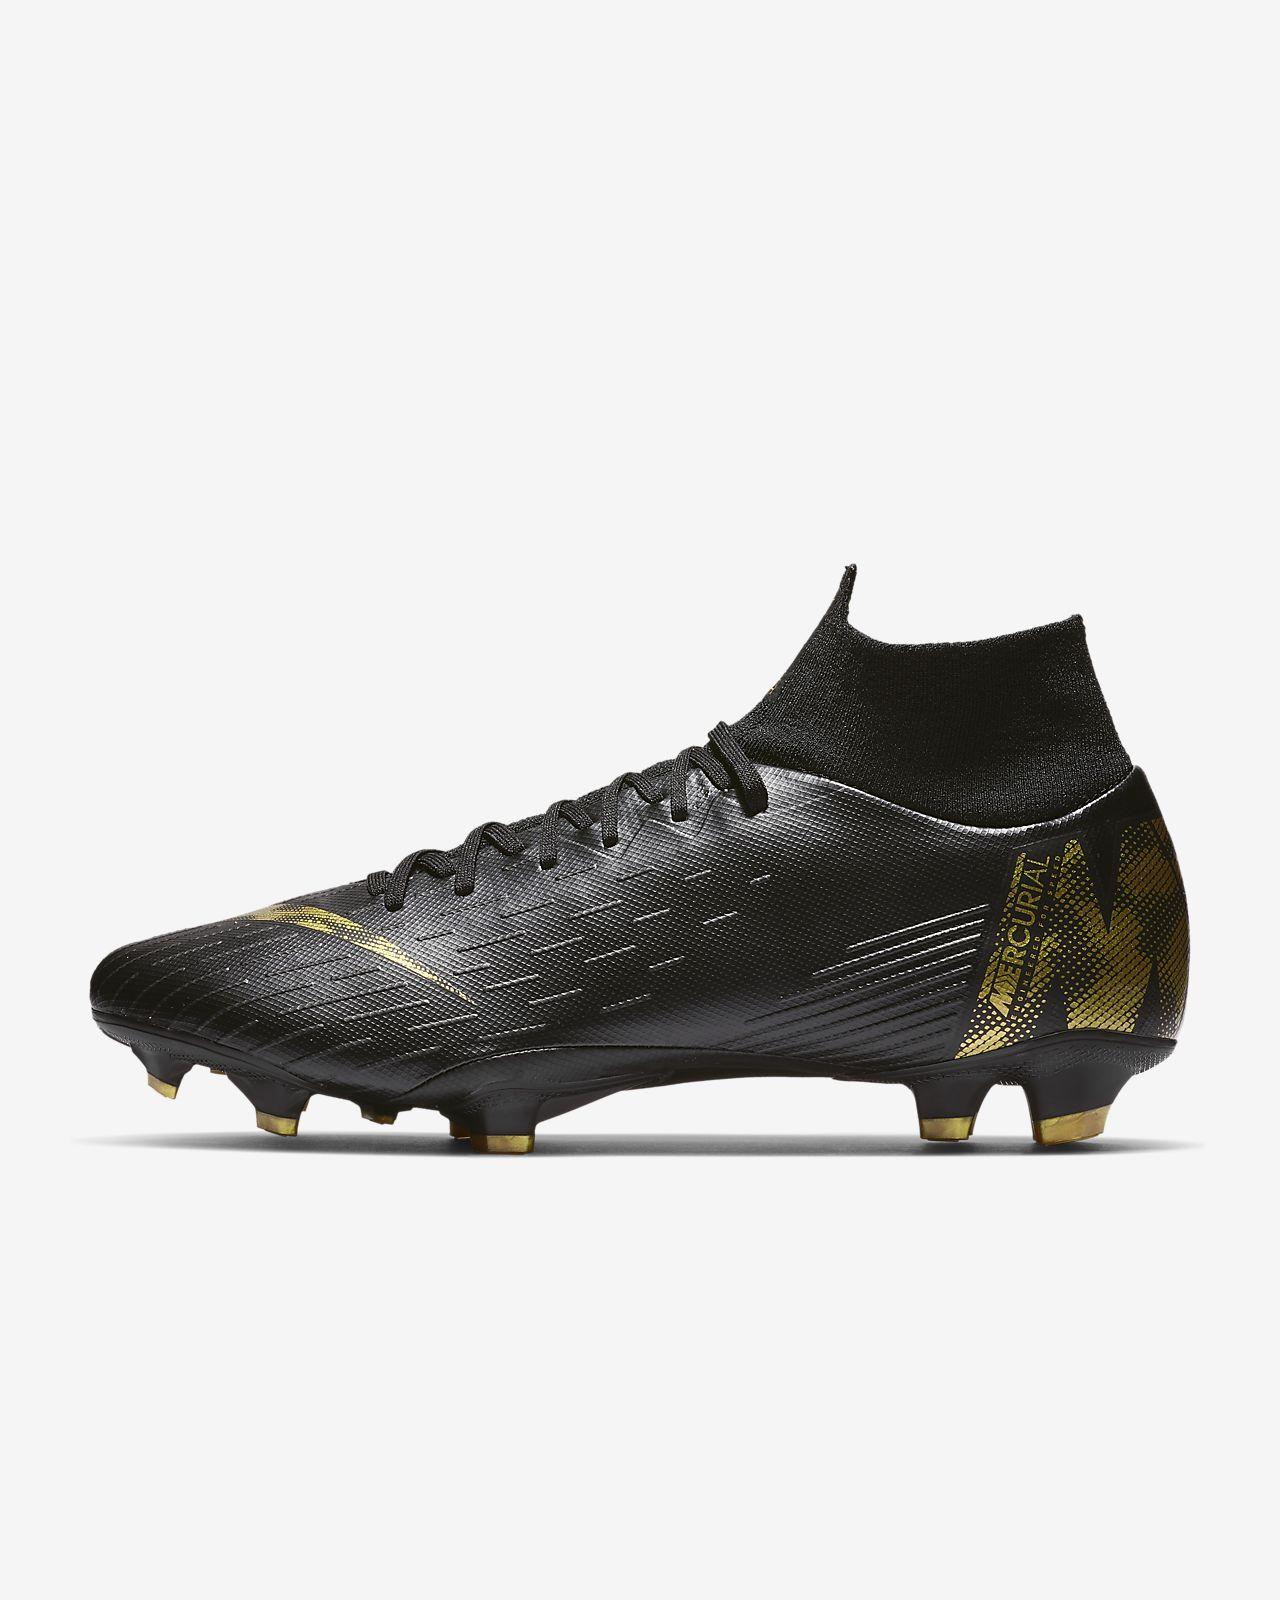 Chaussure de football à crampons pour terrain sec Nike Superfly 6 Pro FG